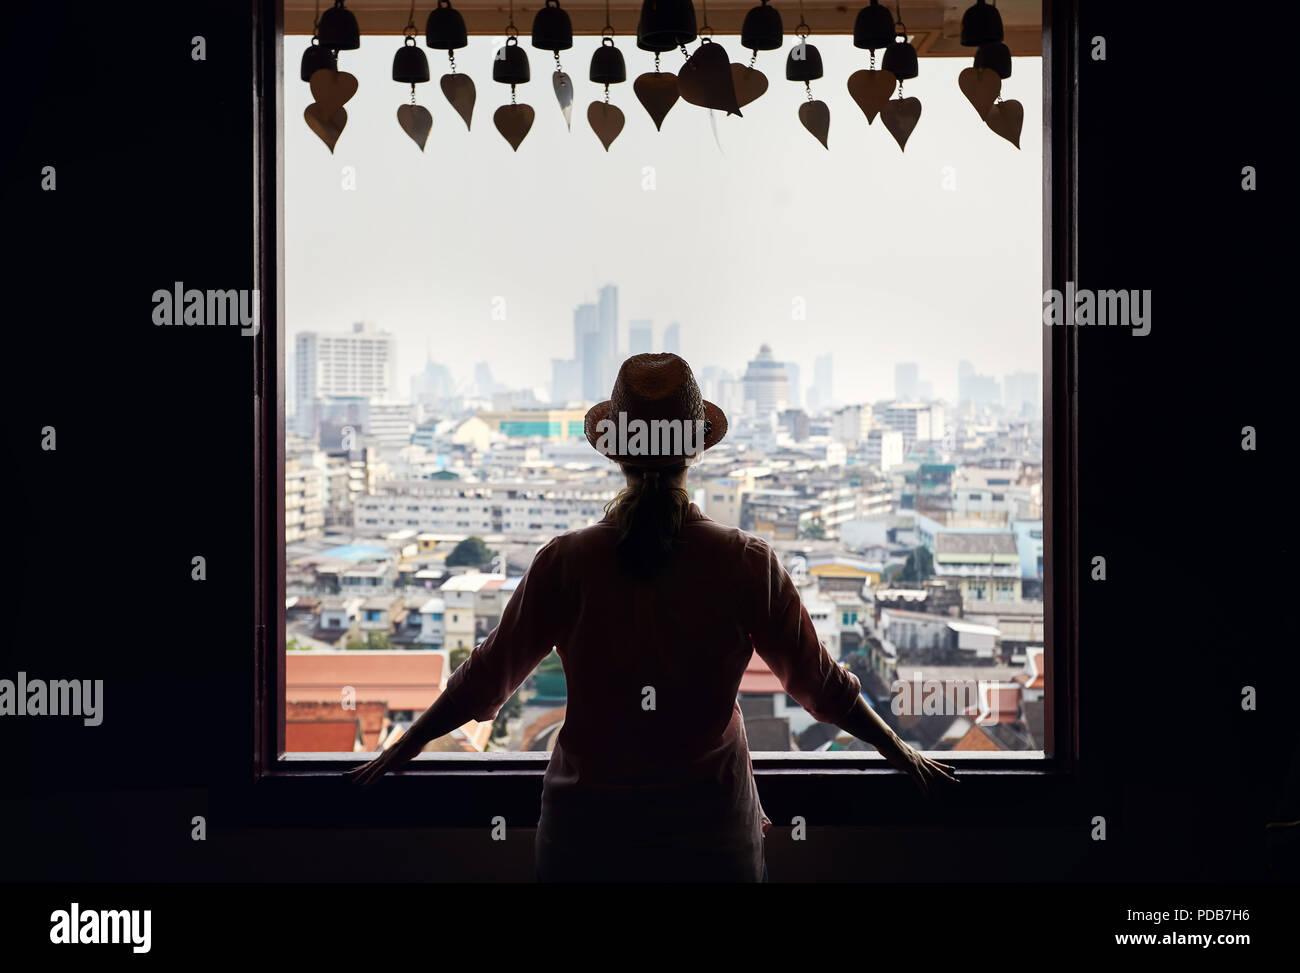 Silhouette der touristischen Frau im Fenster nach Bangkok Blick auf die Stadt der Wolkenkratzer Geschäftsviertel von Goldenen Berg Pagoda Wat Saket an bedeckt Stockbild